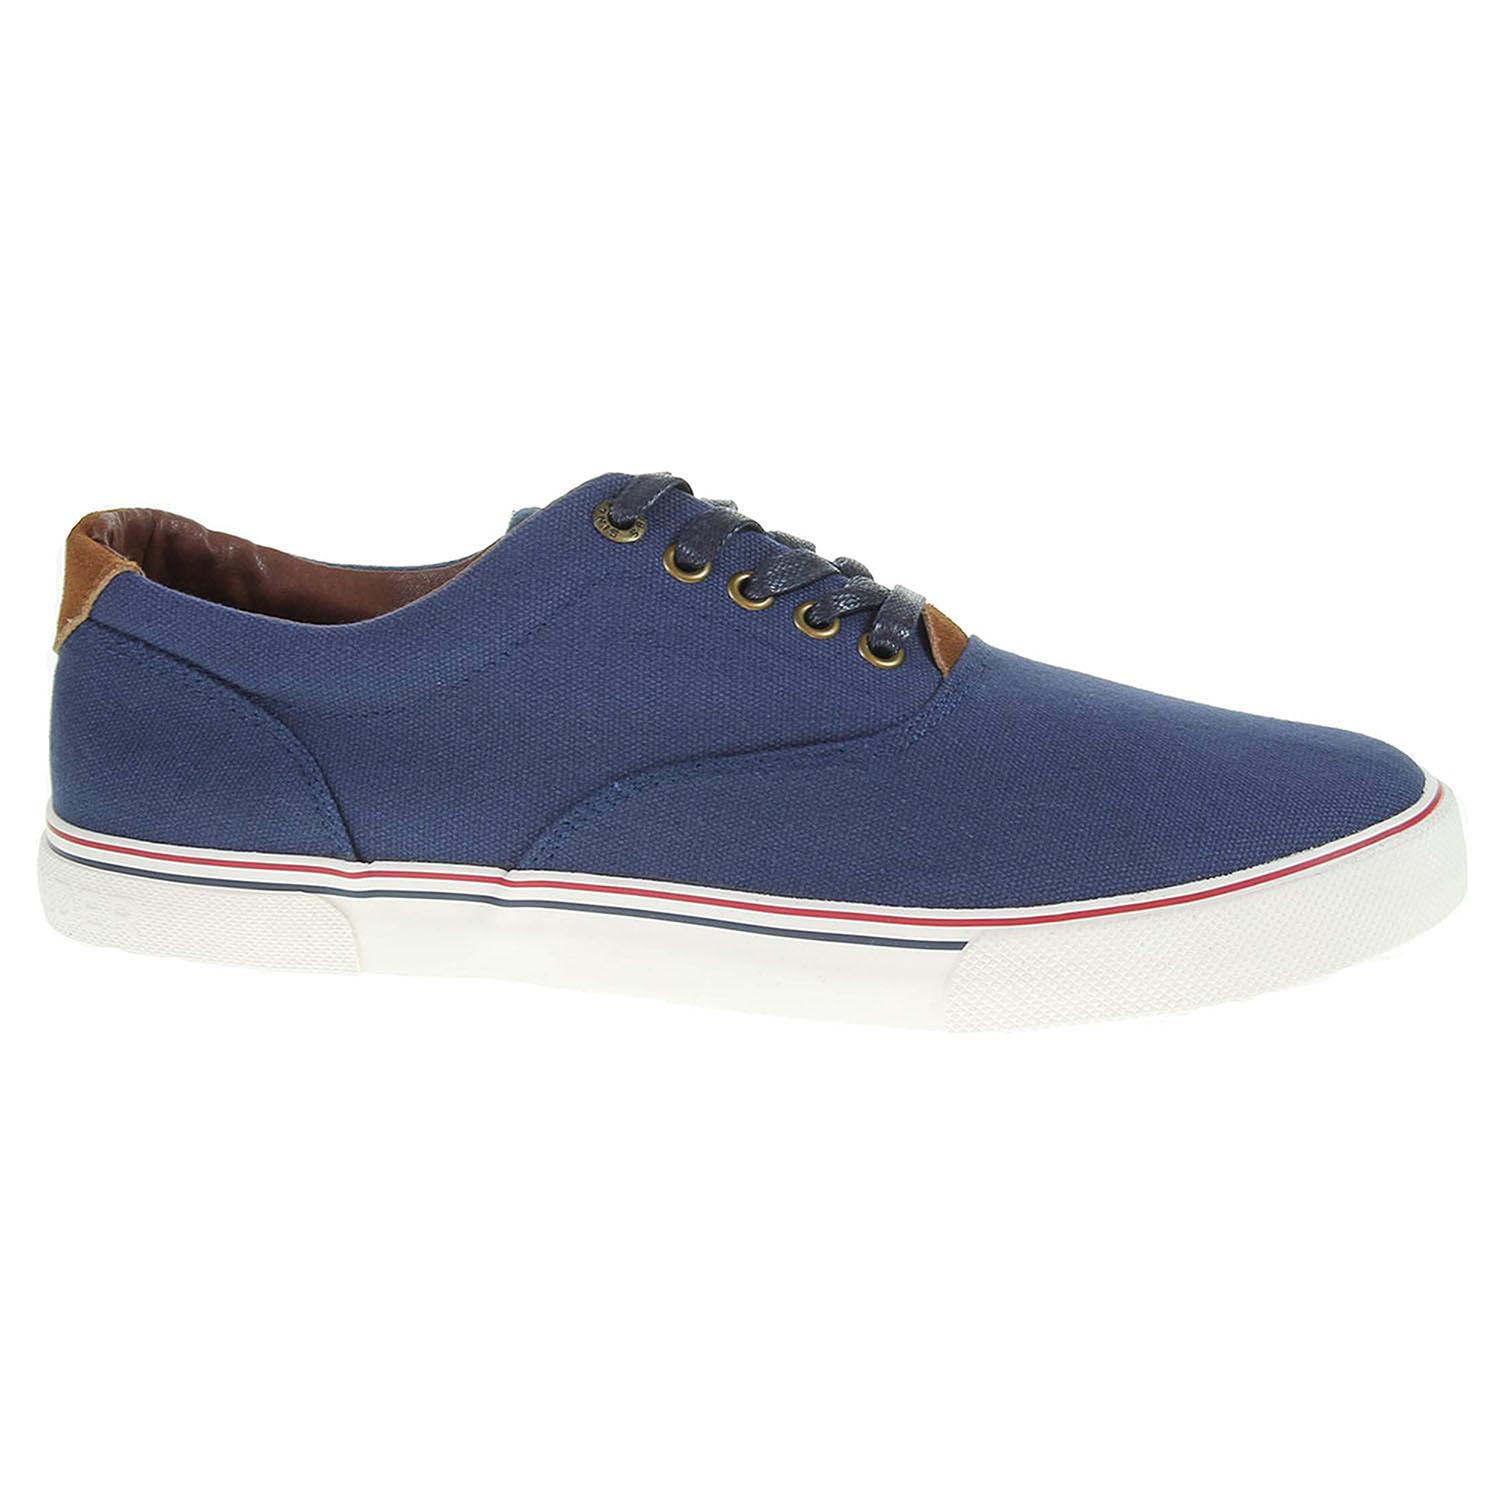 Pánská obuv Salamander 60304-32 modrá 46